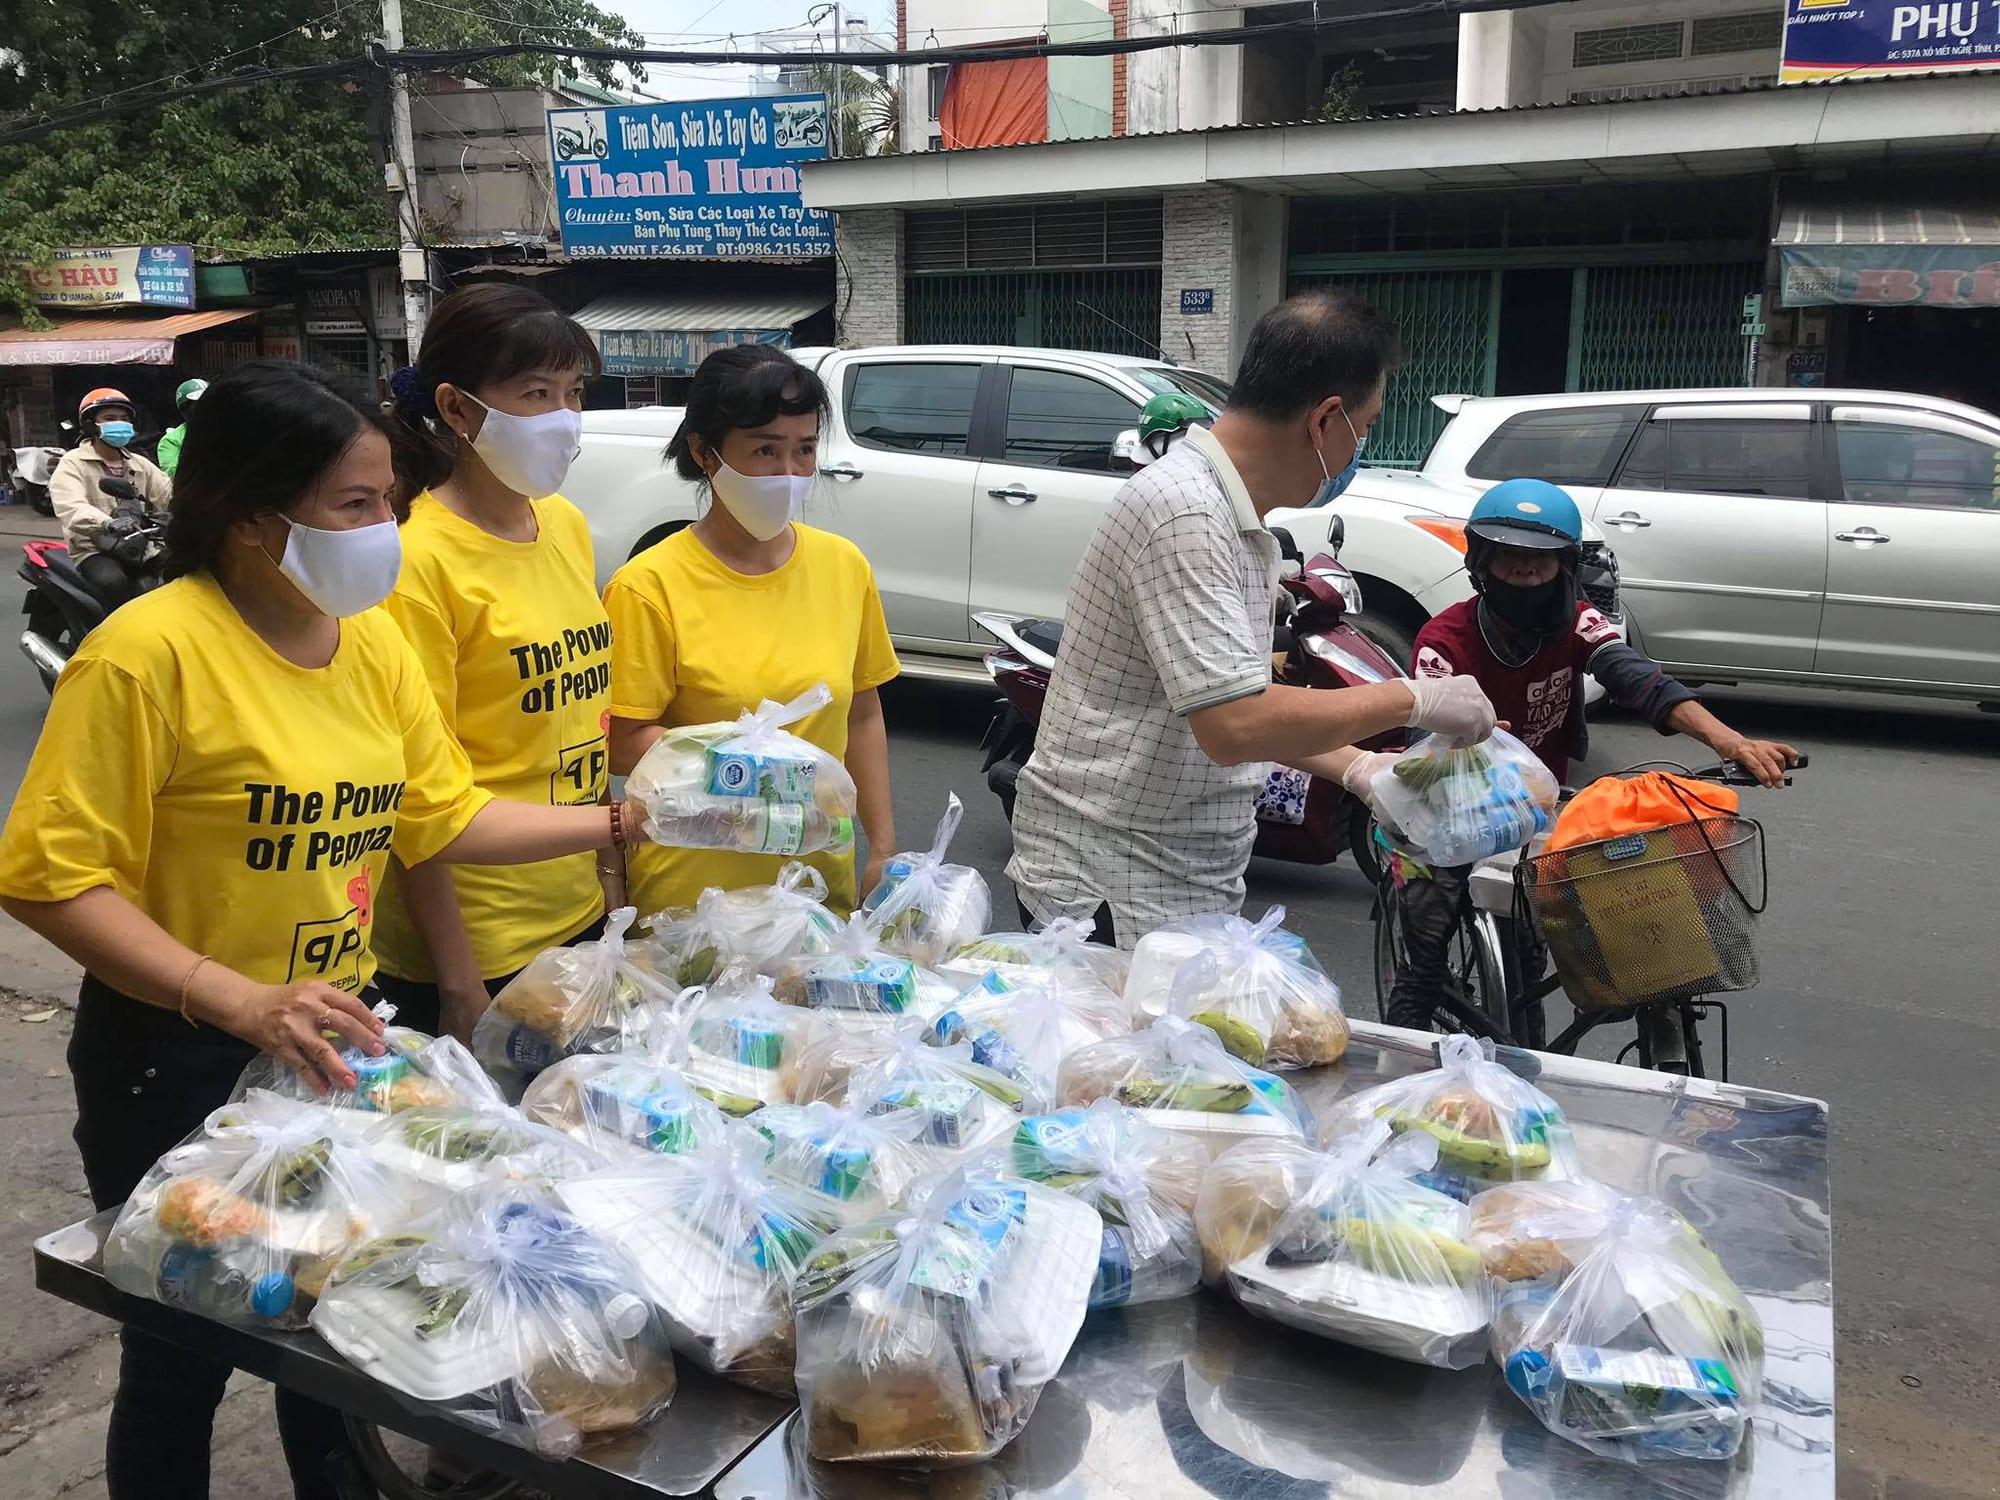 NSND Lệ Thủy tặng gạo cho nghệ sĩ nghèo, Hữu Nghĩa tặng cơm cho người khuyết tật - Ảnh 4.